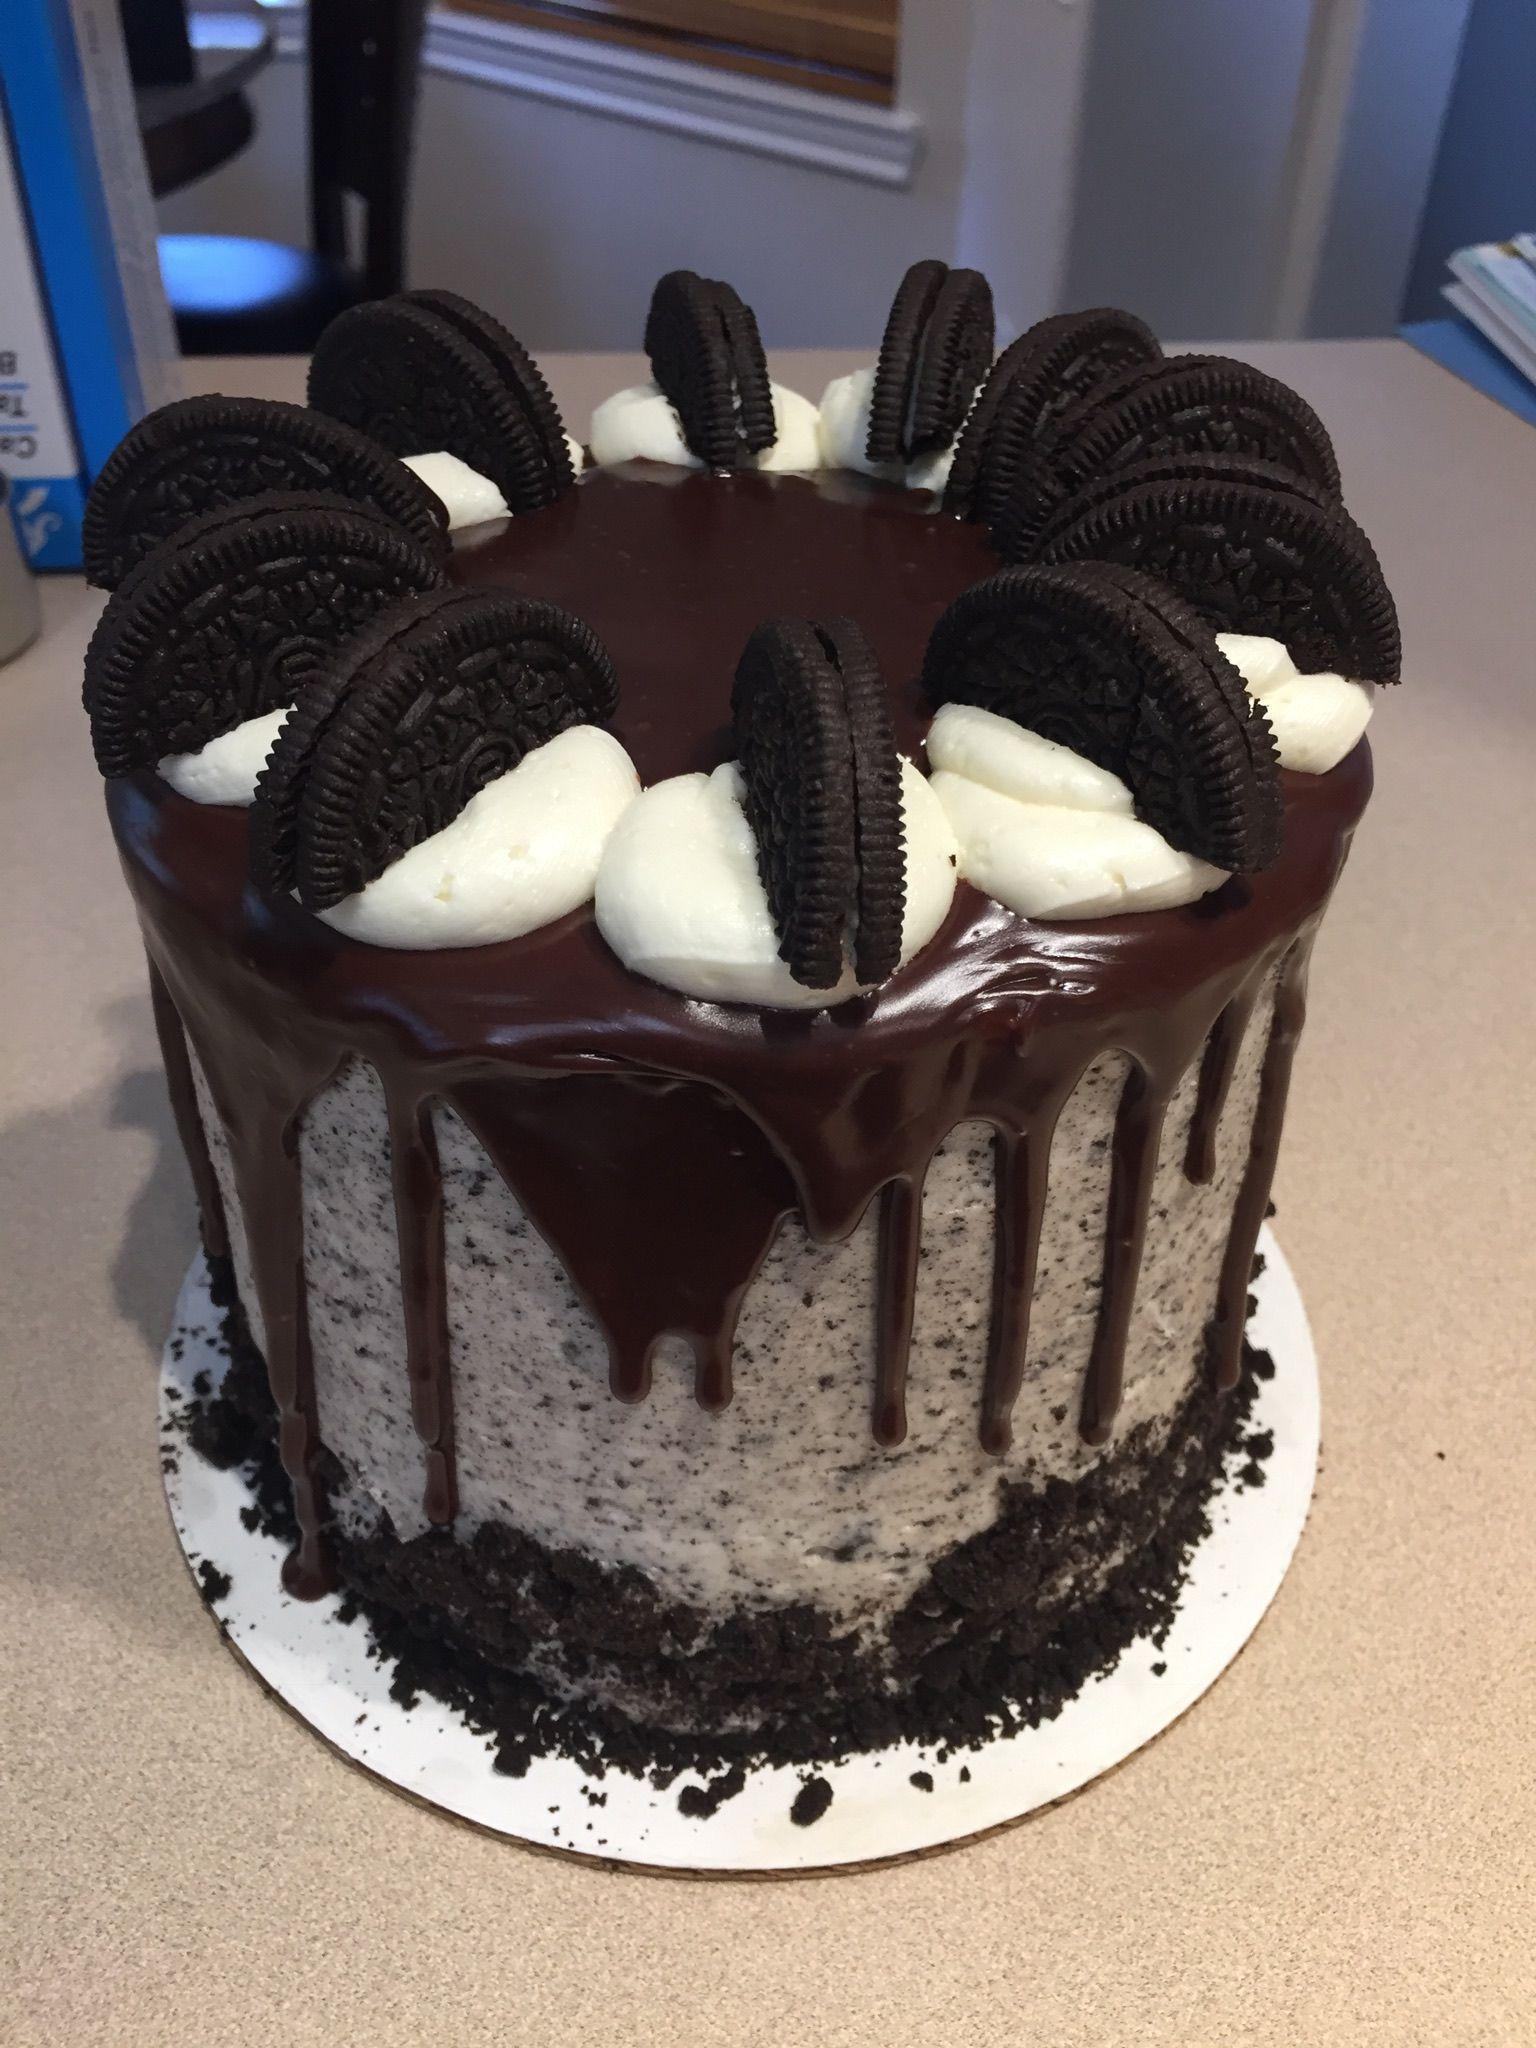 Oreo cookie cake | Cake, Cake decorating, Oreo cookie cake